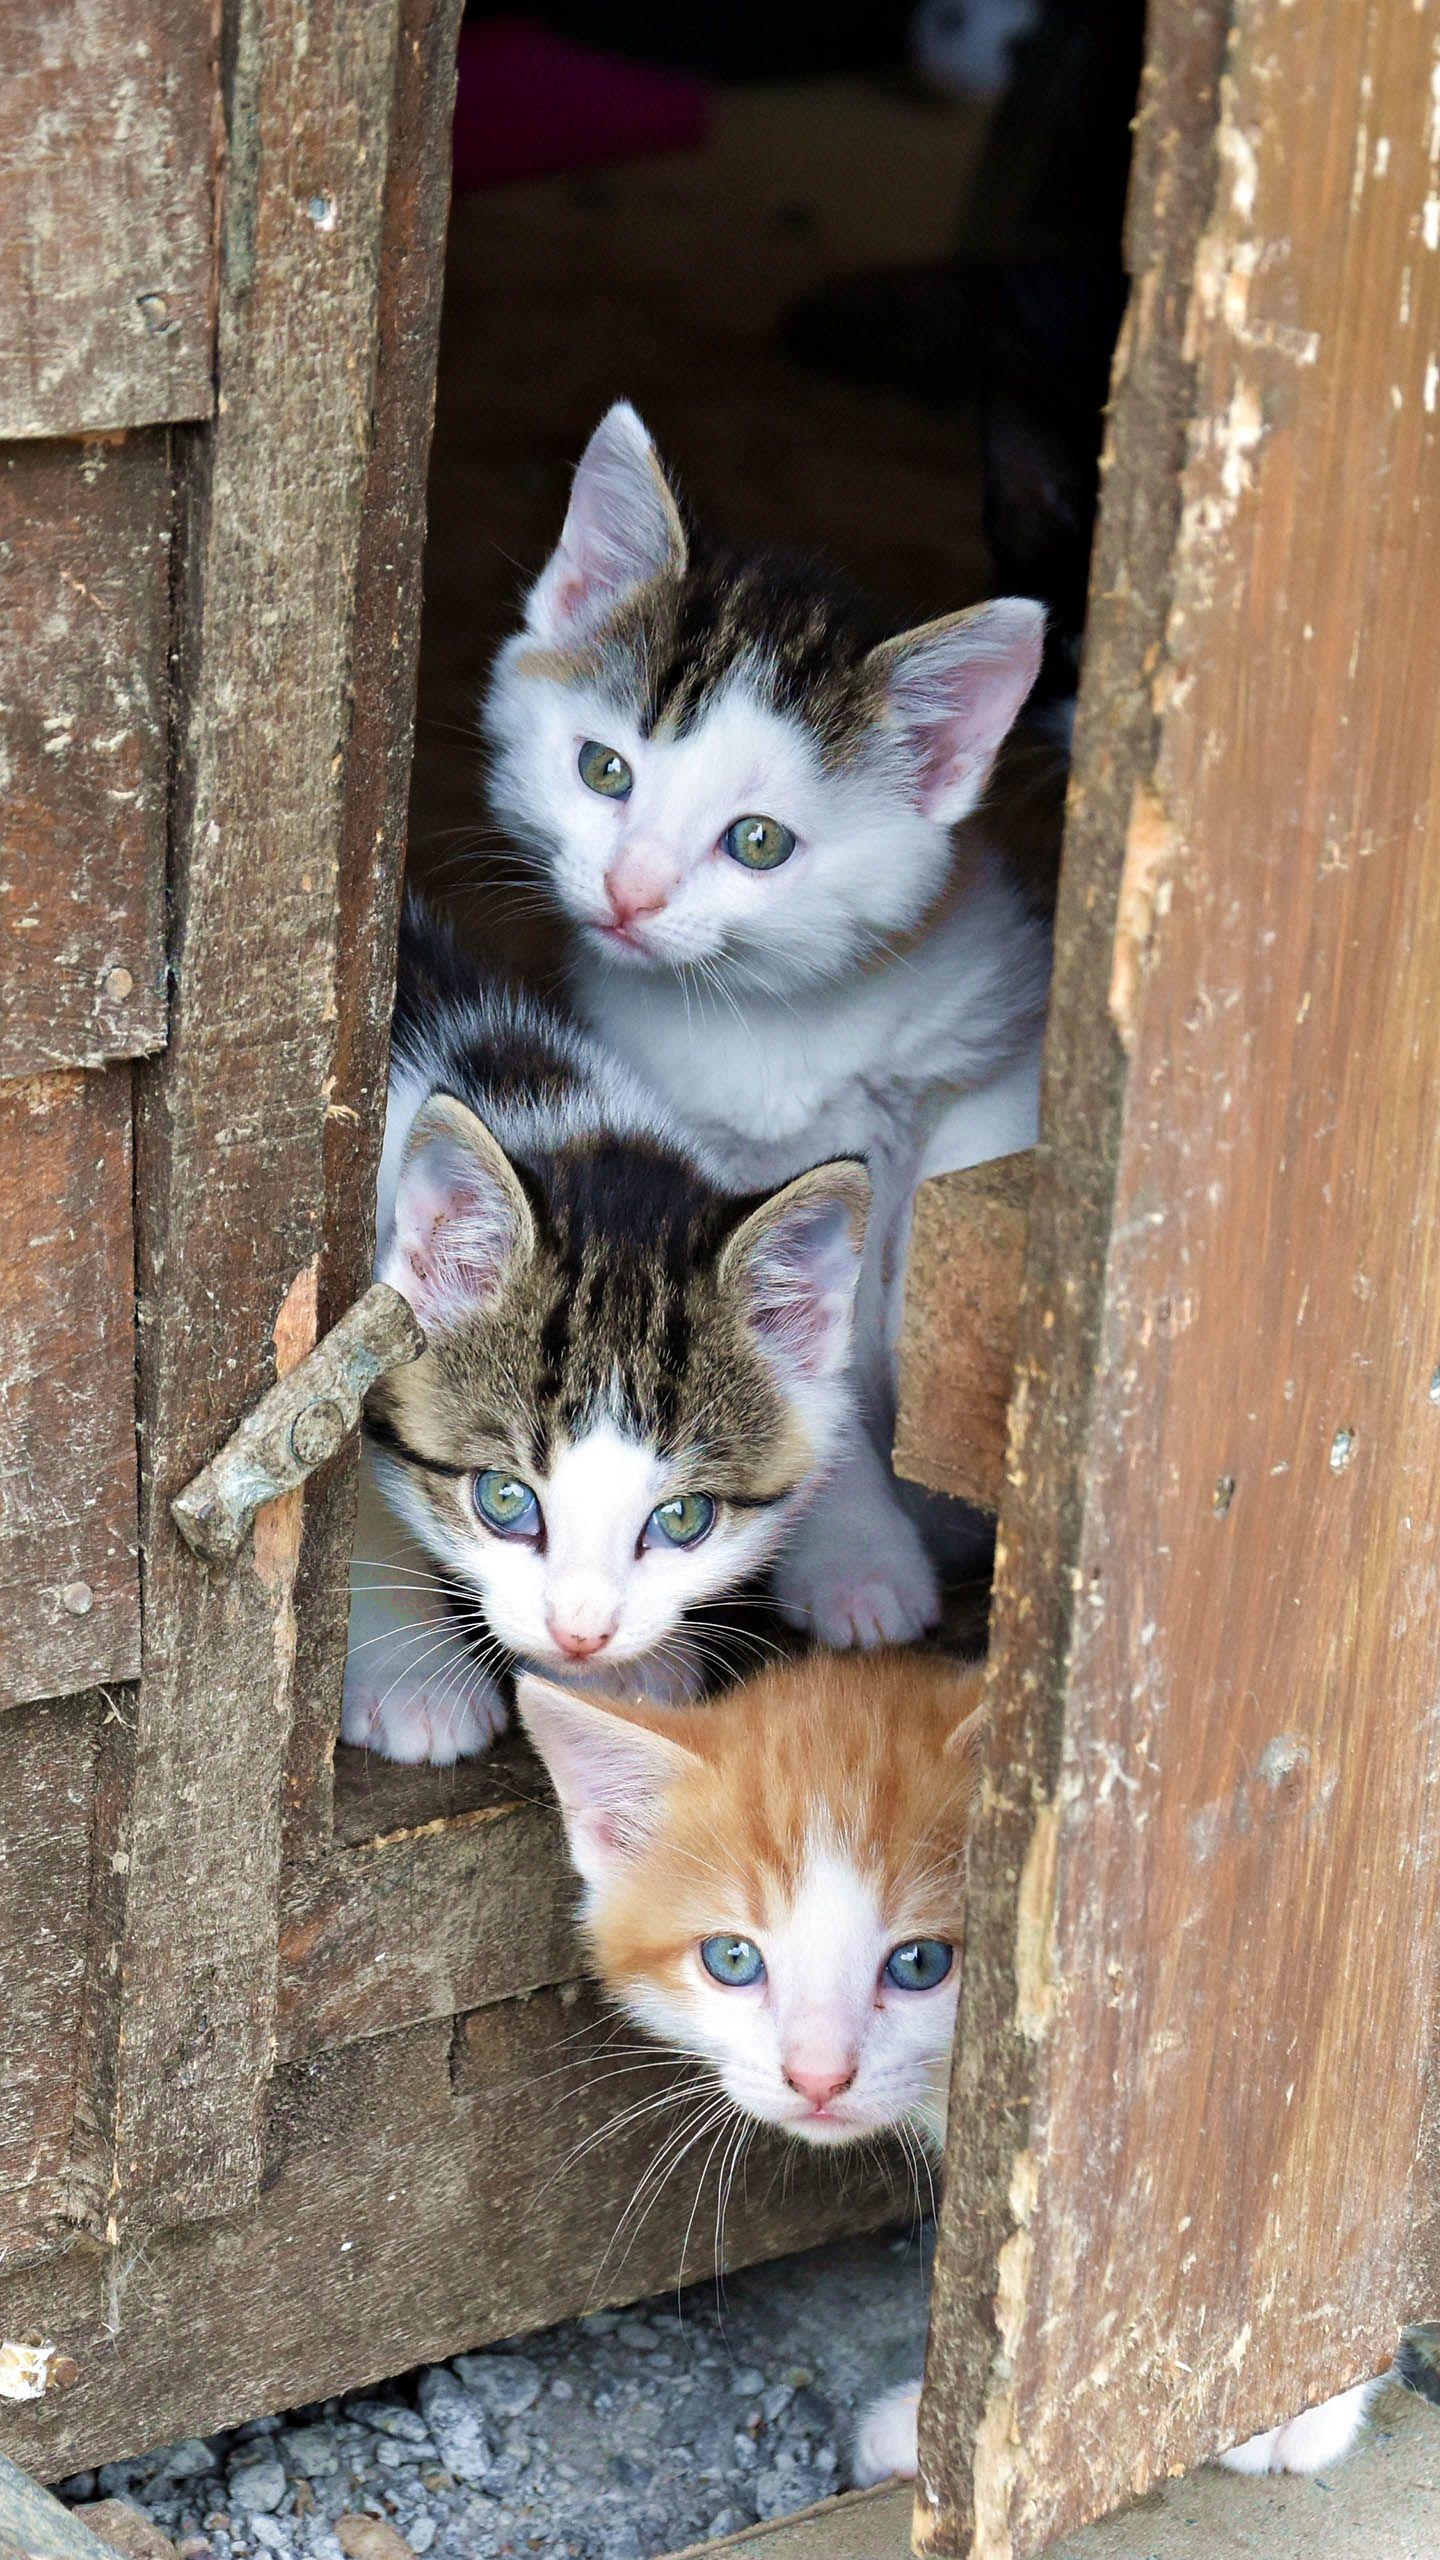 3 Cute Kittens Cats Kittens Cutest Cute Cats